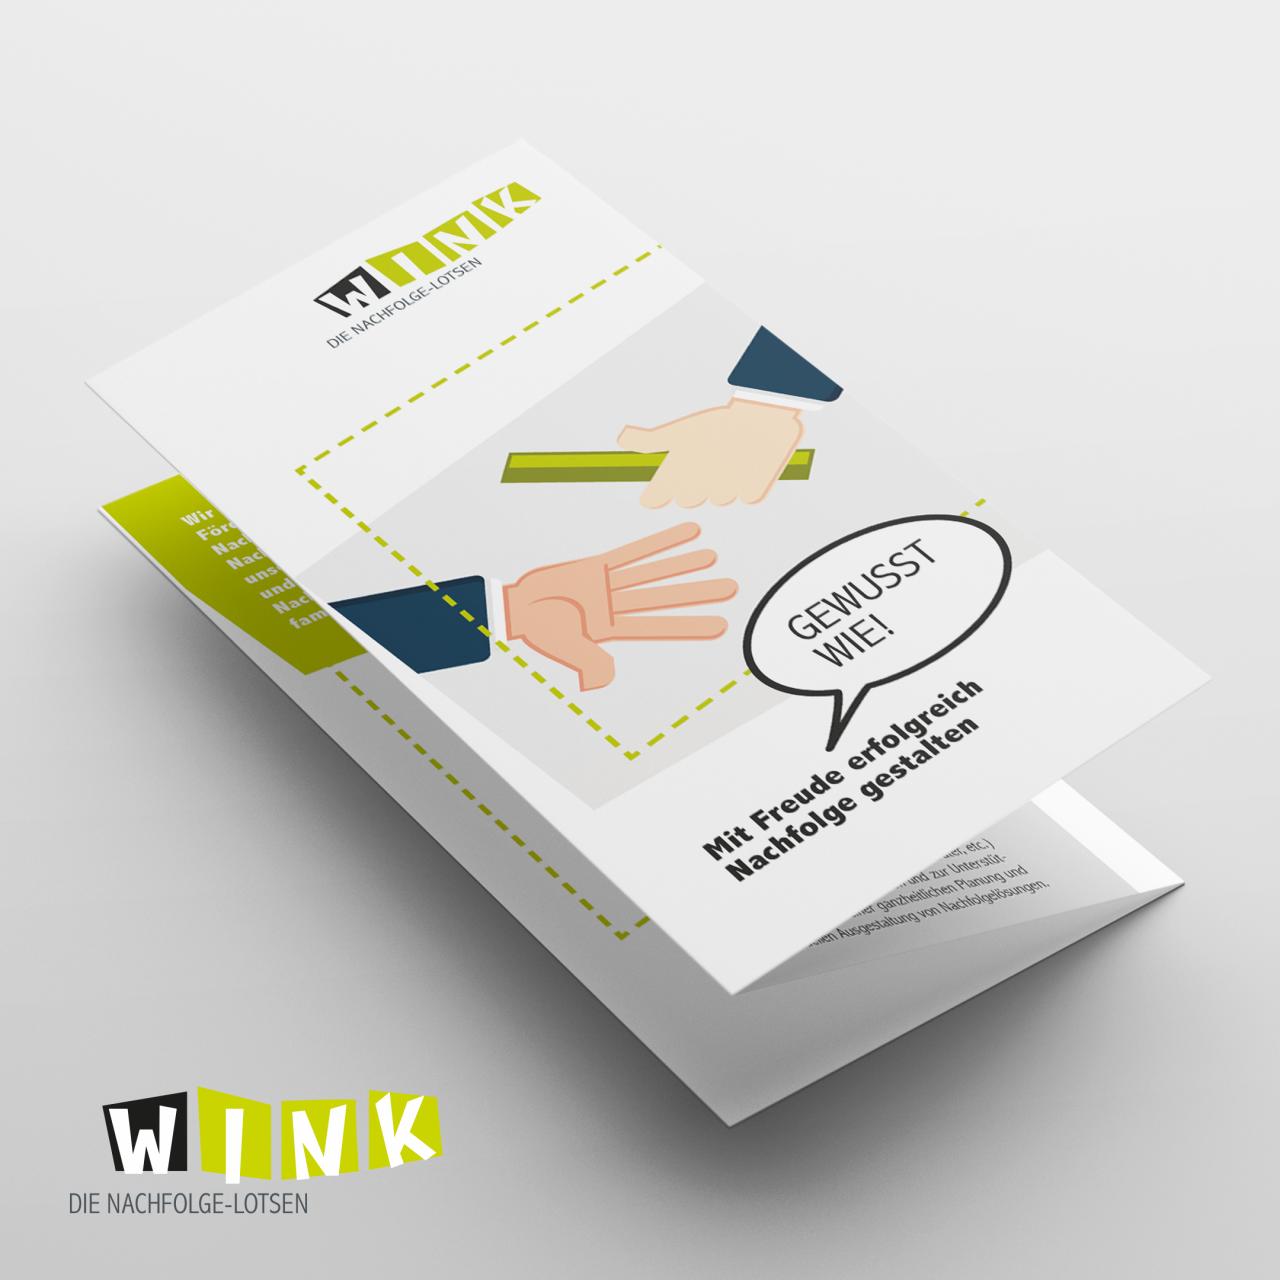 Flyer Gestaltung für WINK e.V. von Agentur Parrot